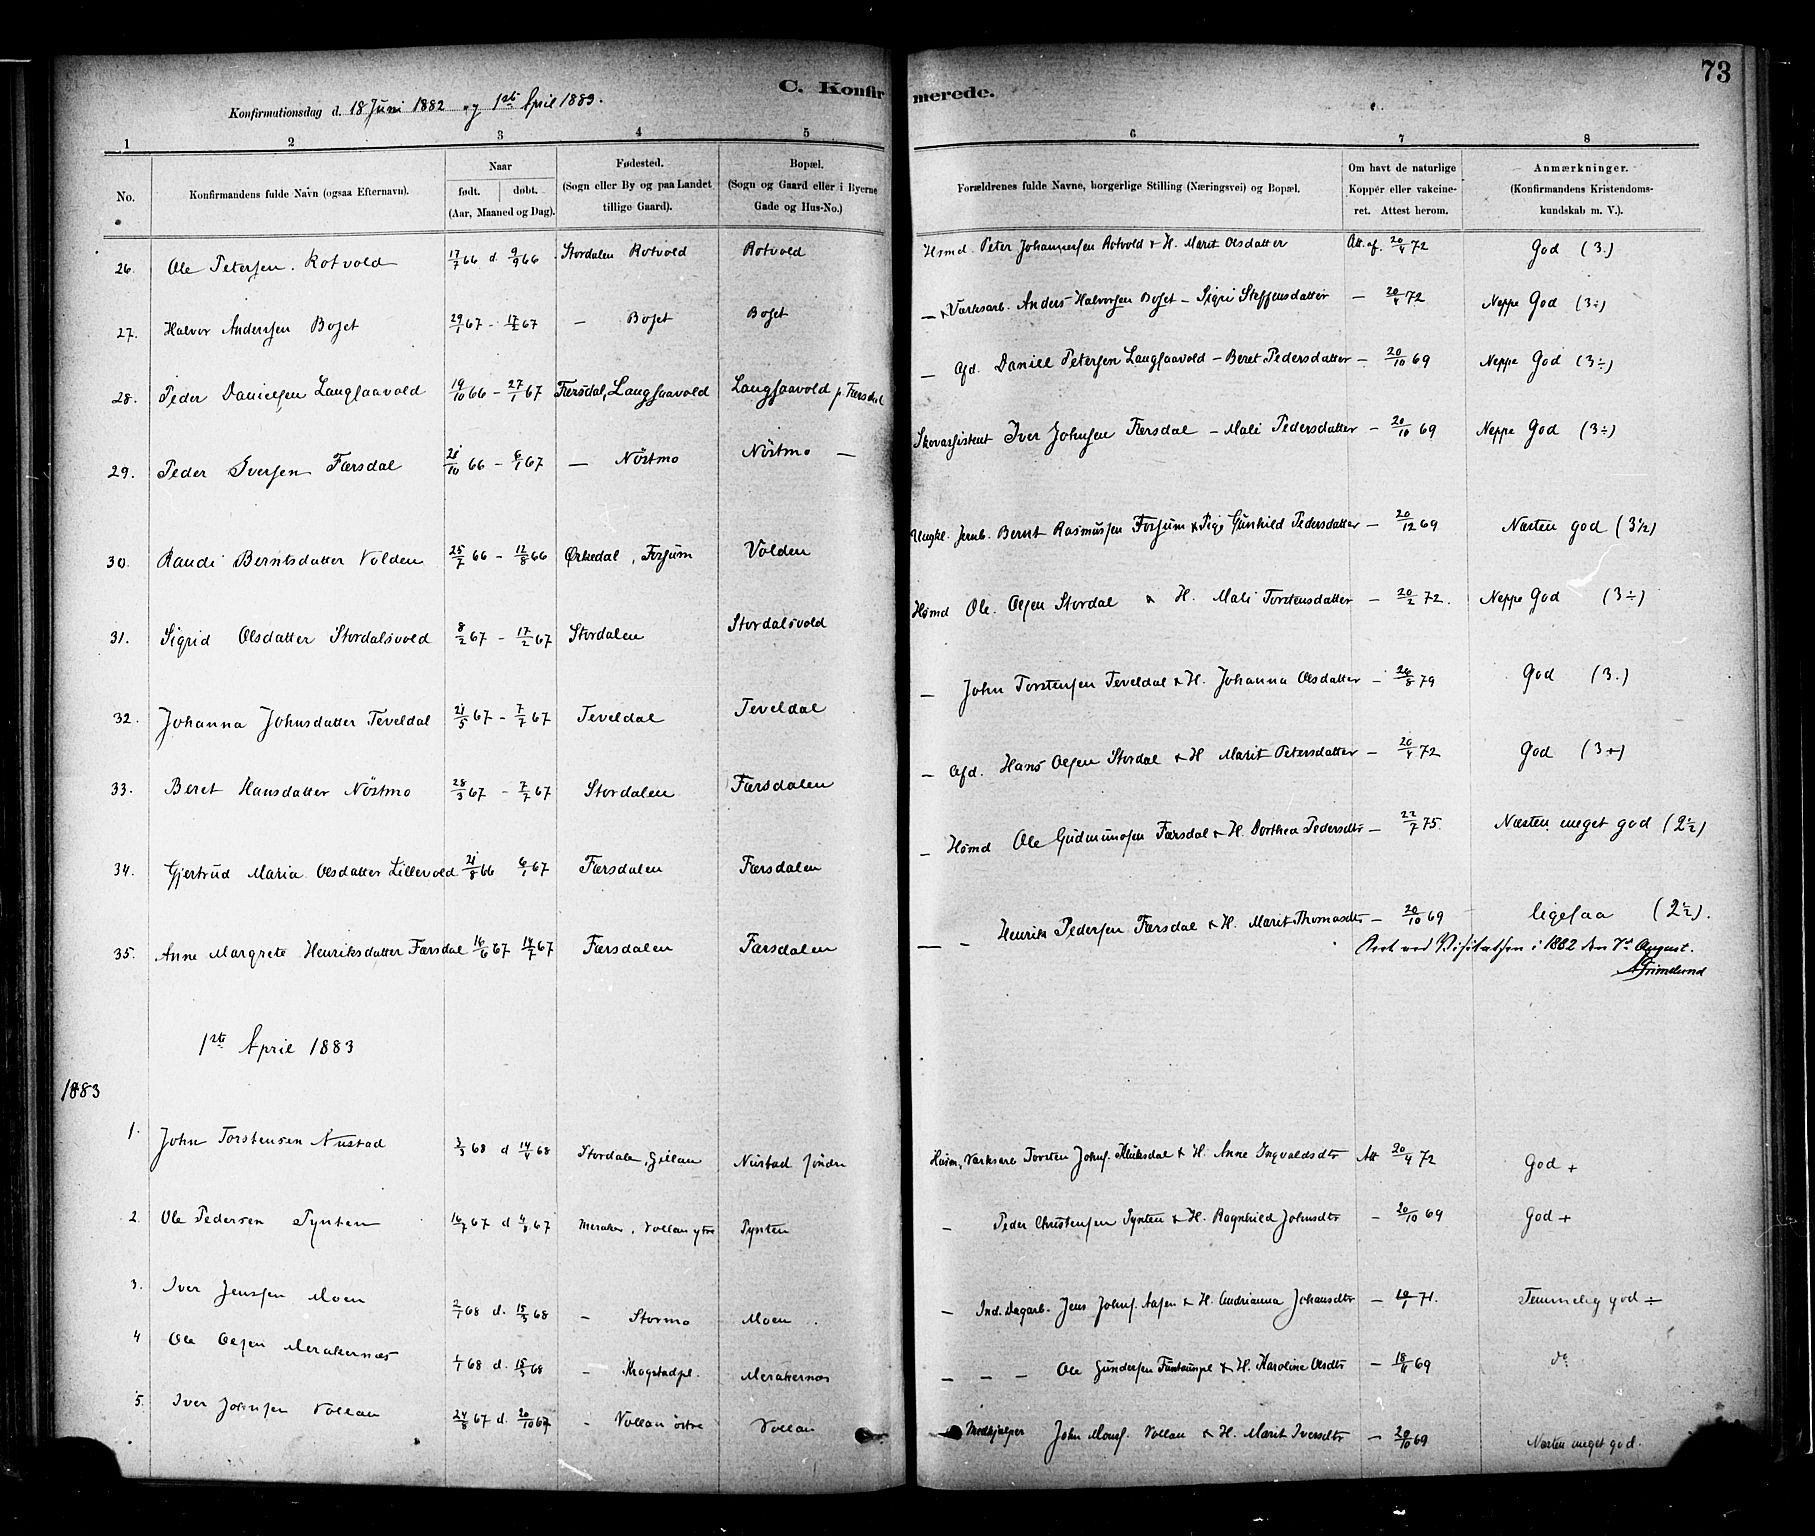 SAT, Ministerialprotokoller, klokkerbøker og fødselsregistre - Nord-Trøndelag, 706/L0047: Parish register (official) no. 706A03, 1878-1892, p. 73